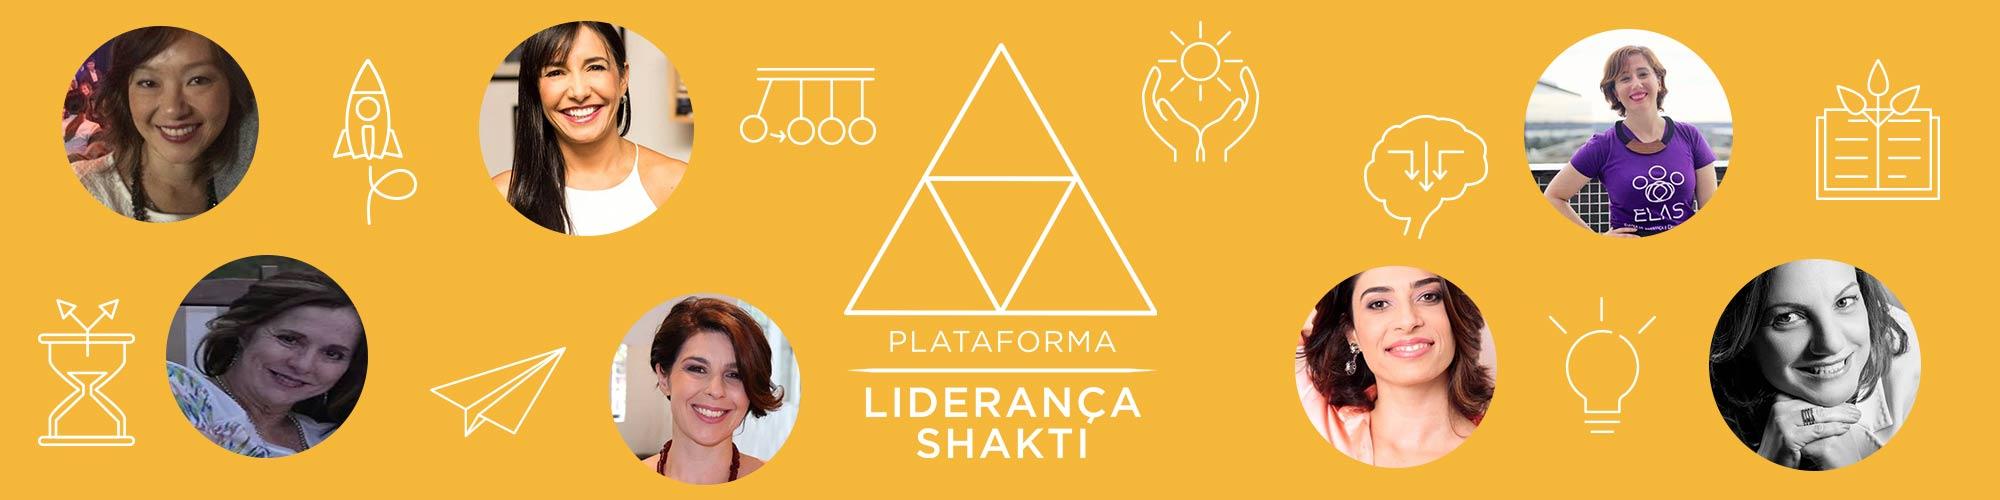 """""""Liderança Shakti"""", plataforma que enaltece qualidades femininas nos negócios, discute """"Mulheres e Suas Curas"""""""